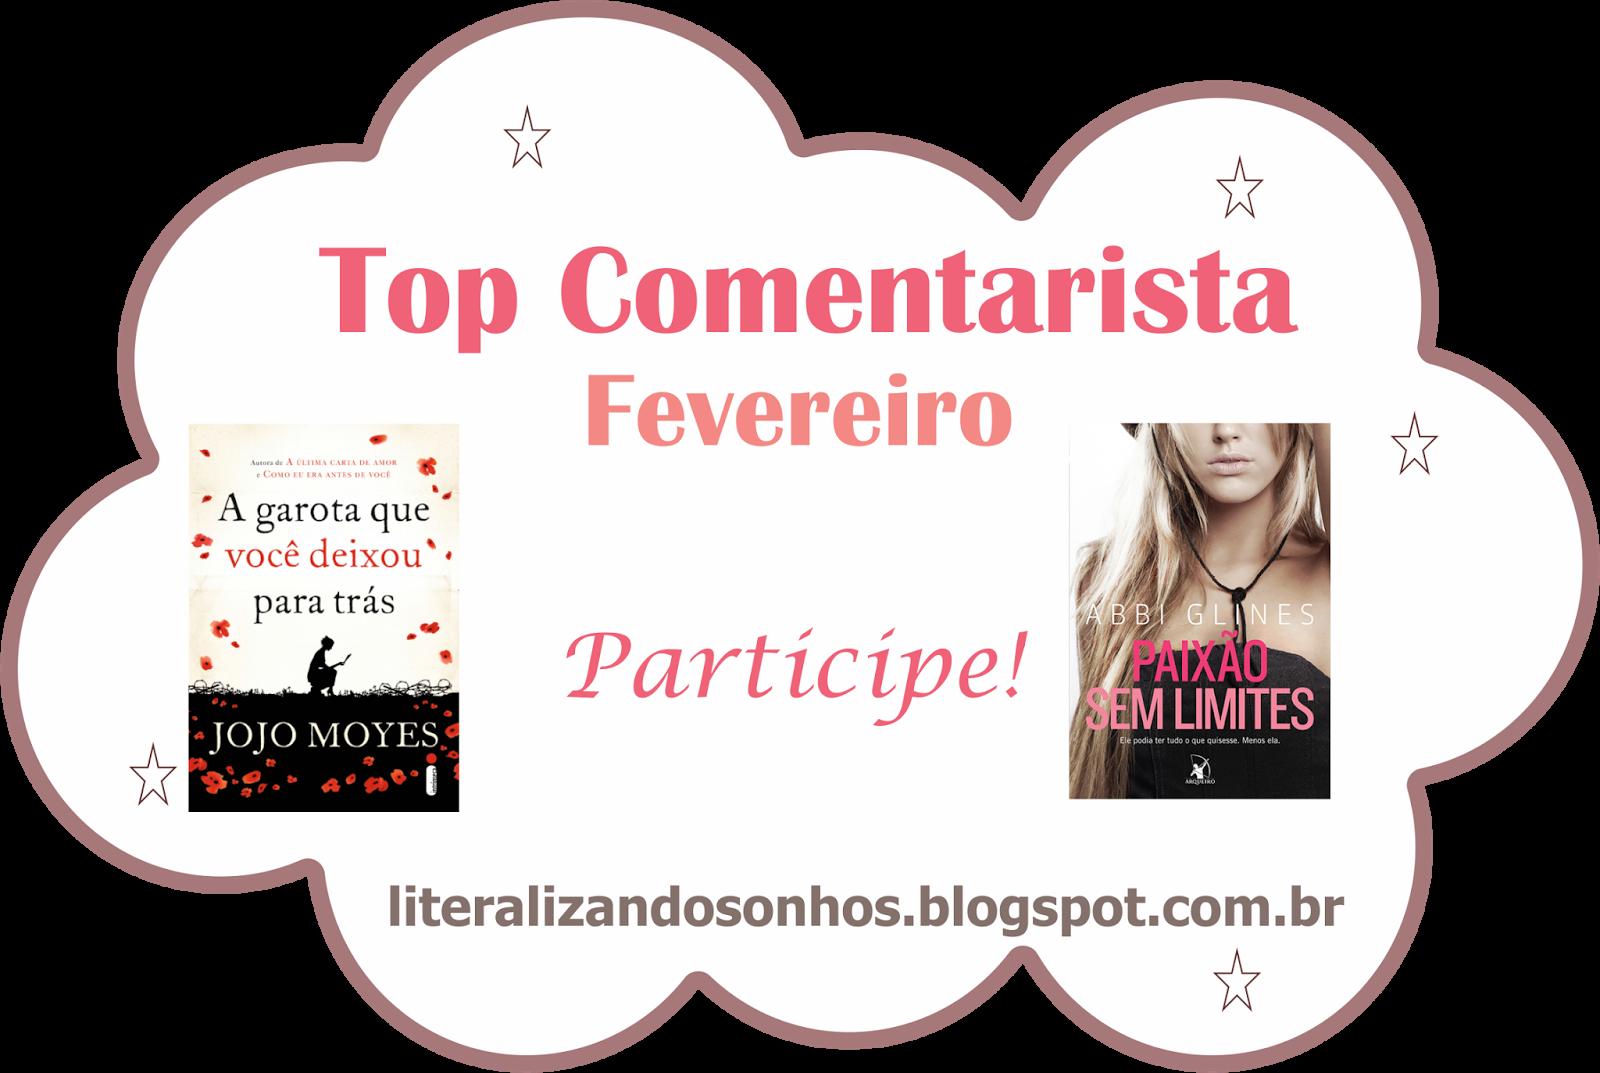 http://literalizandosonhos.blogspot.com.br/2015/02/top-comentarista-4-fevereiro2015.html